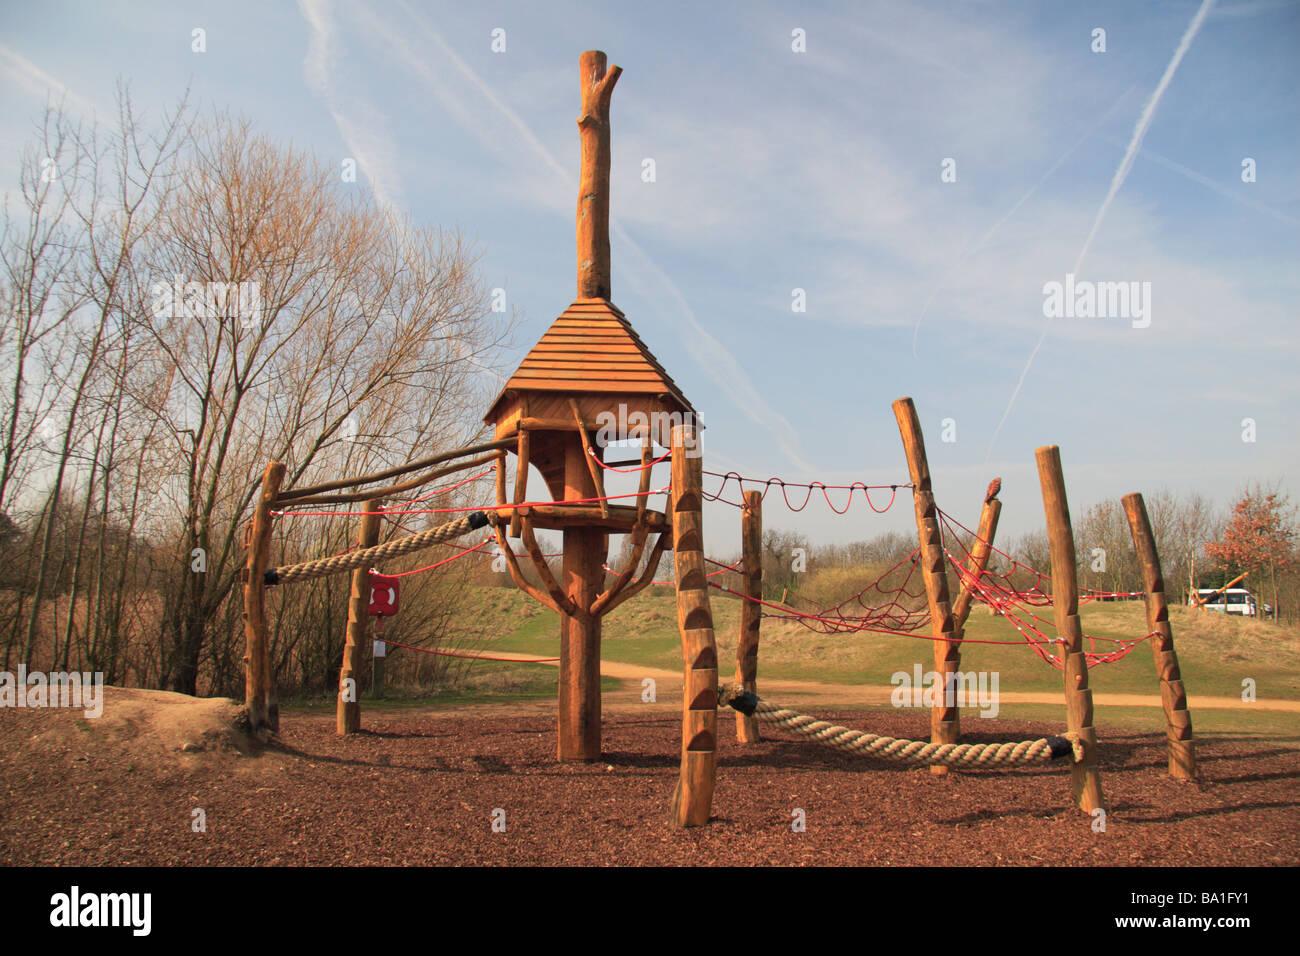 Kinder Klettergerüst Holz : Kinder ist aus holz und seil klettergerüst im spielbereich des